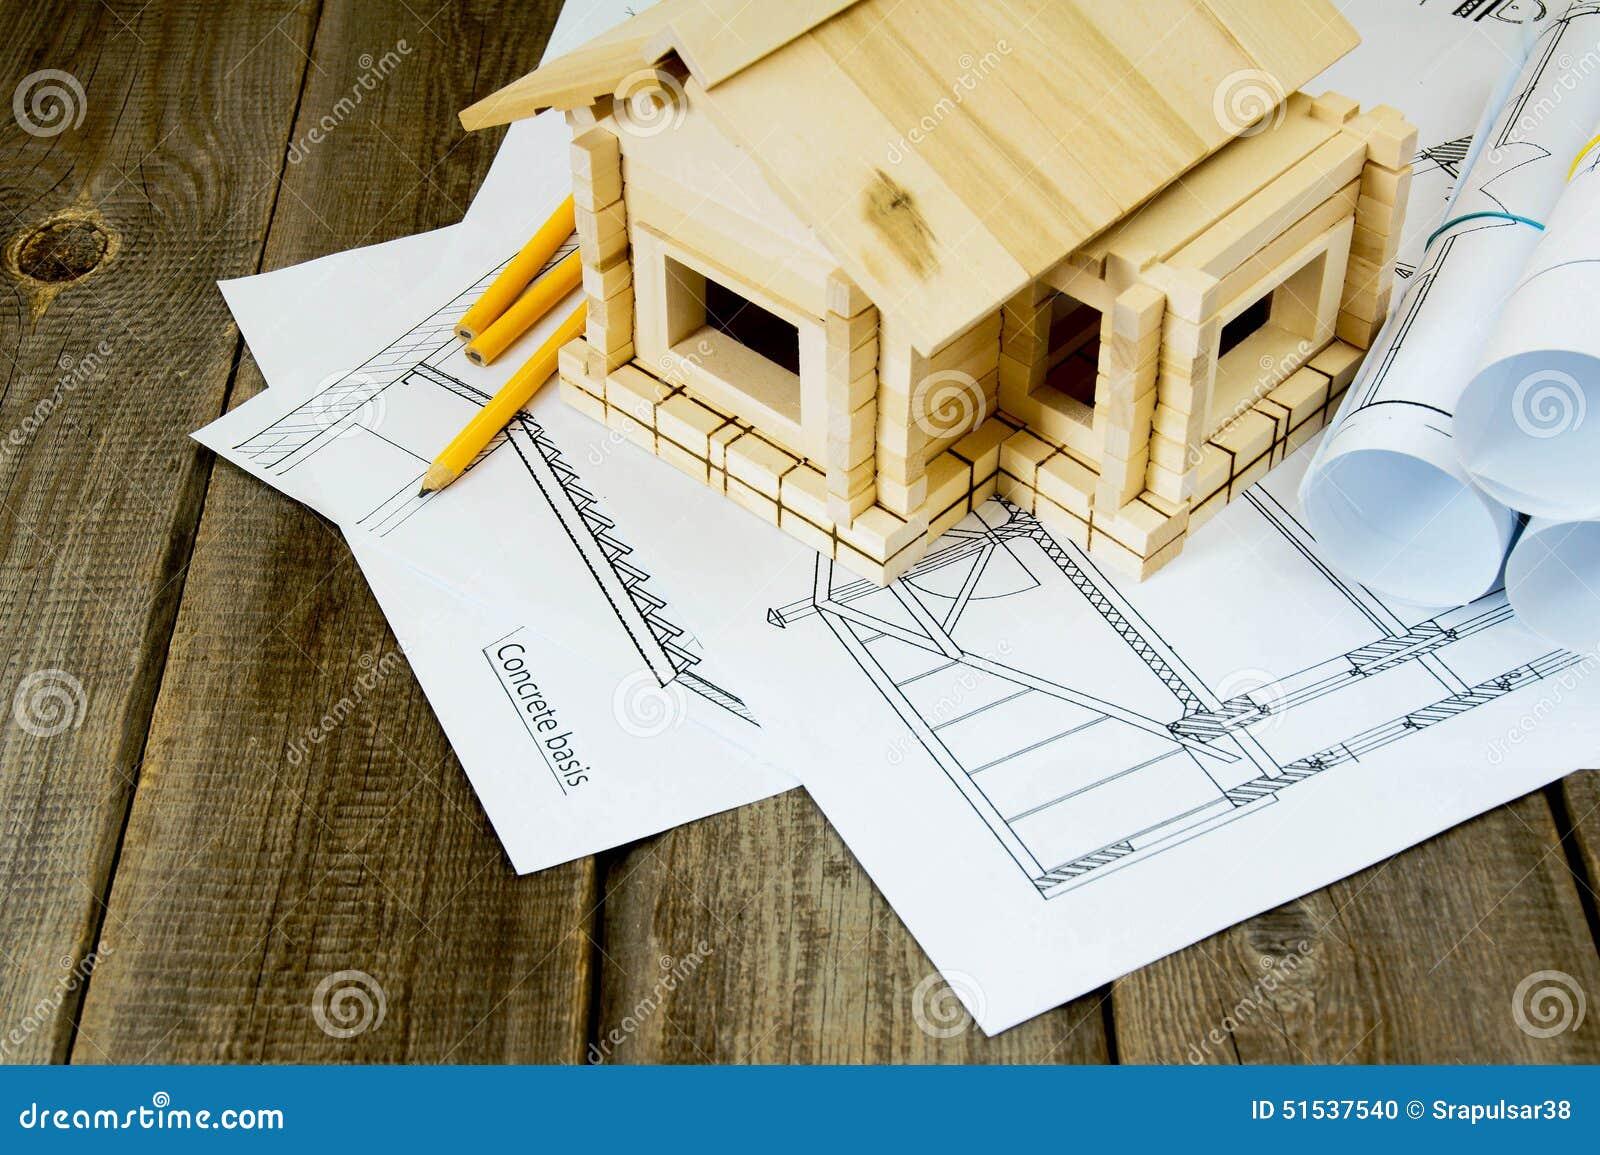 Beaucoup De Dessins Pour Construire Et Petite Maison Sur